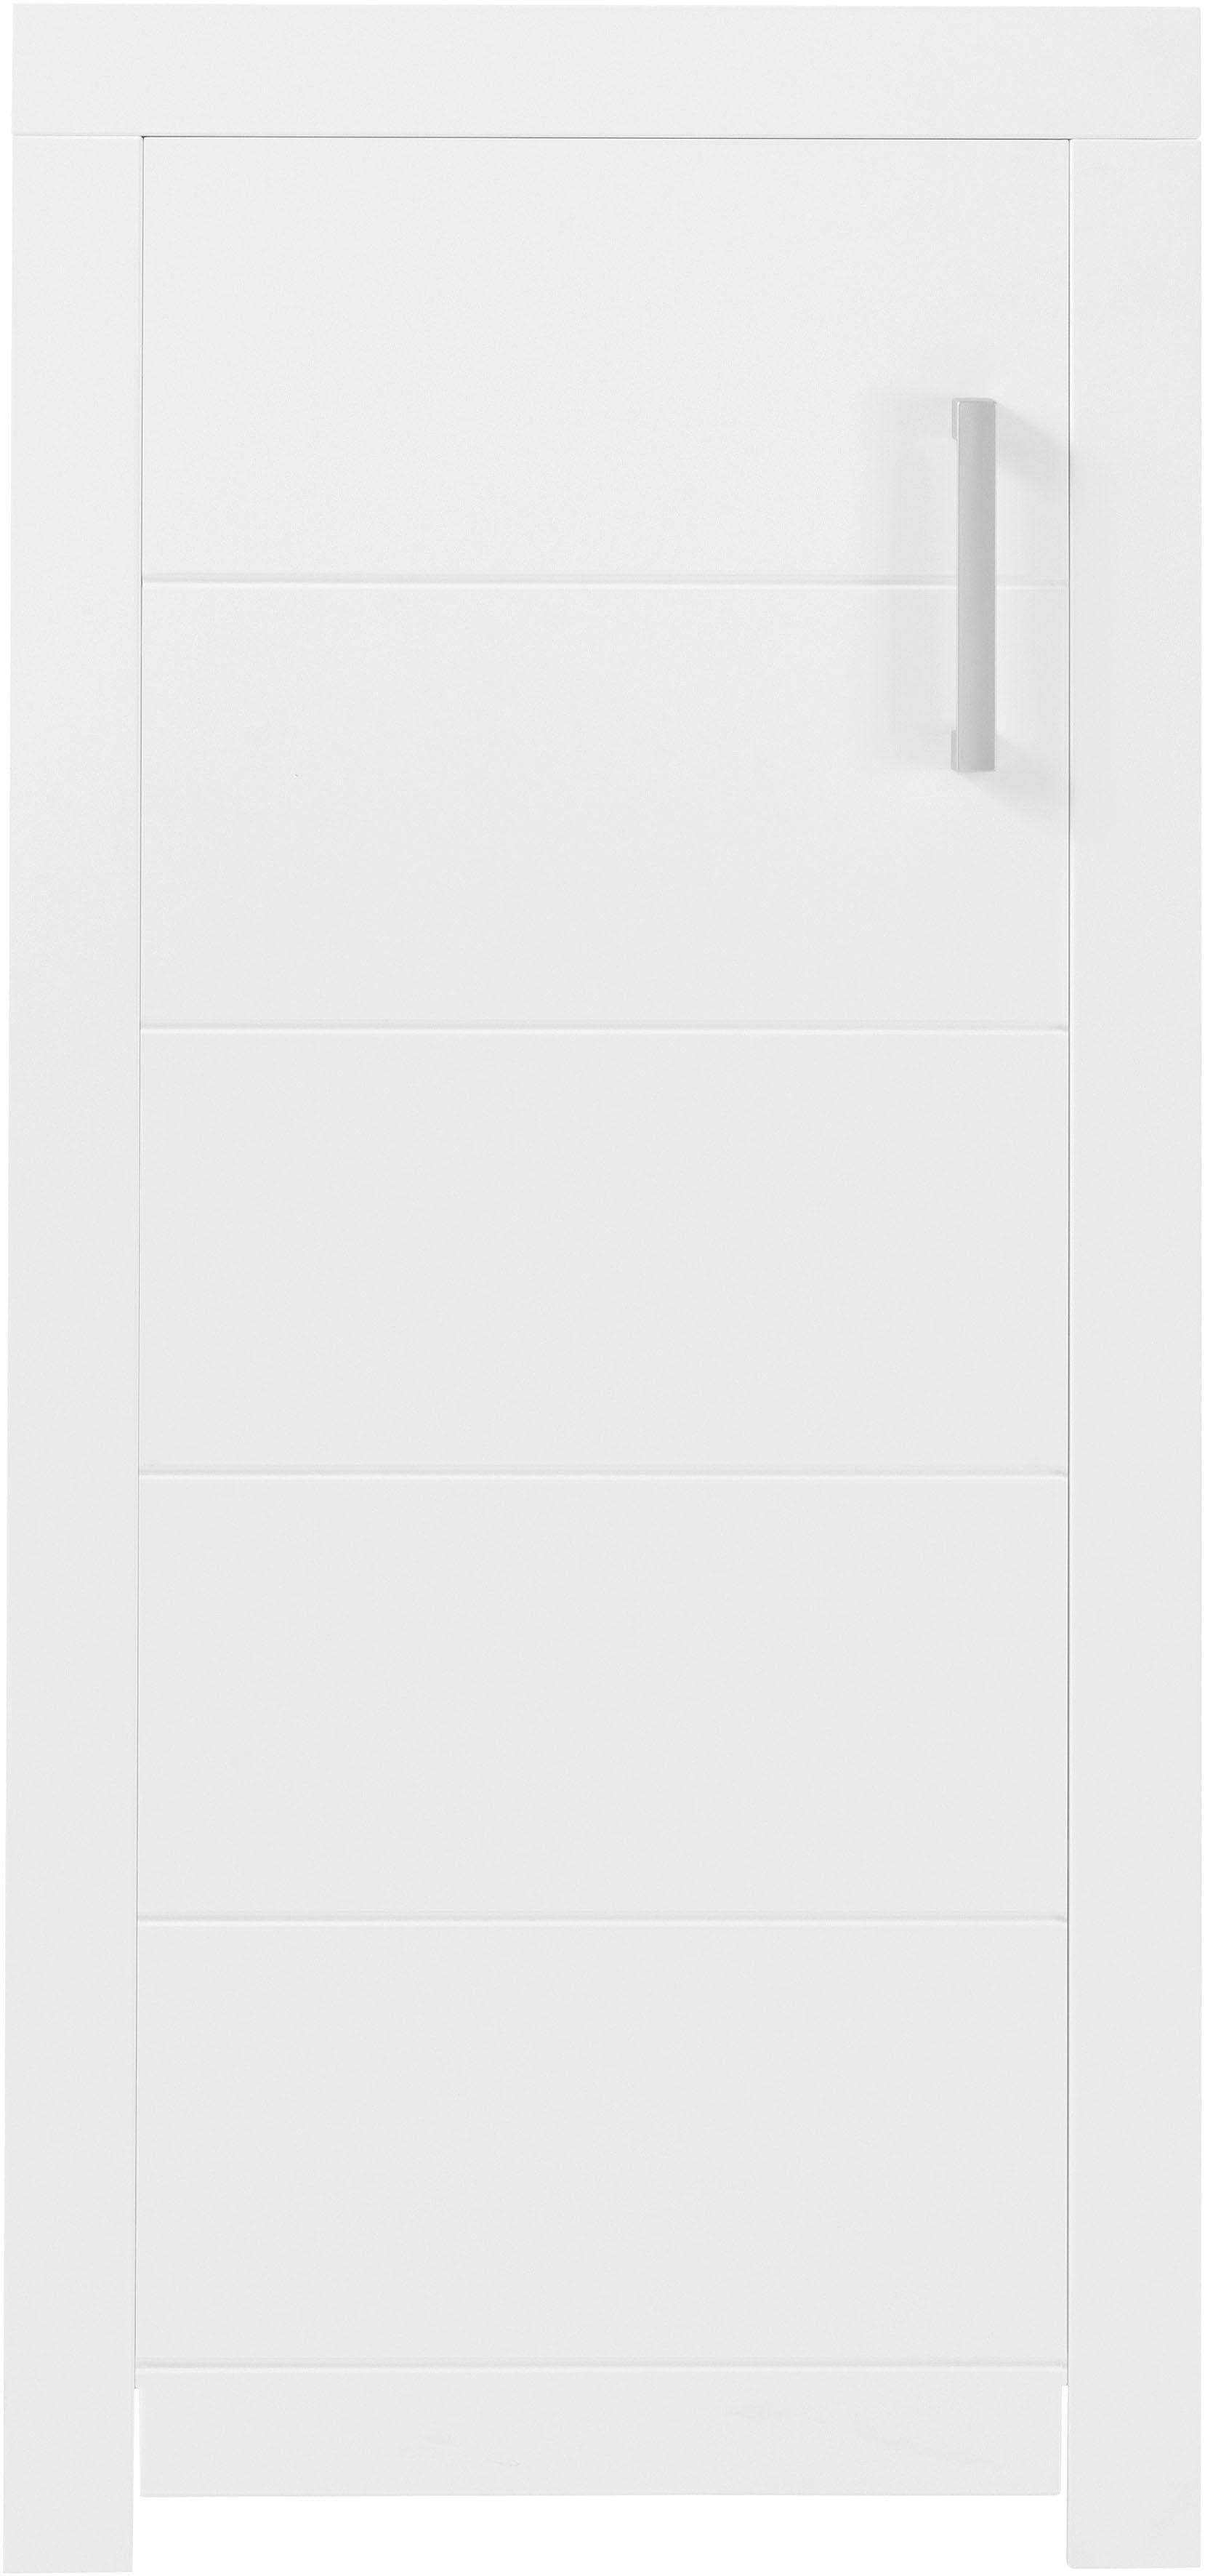 Stauraumschrank-Allzweck-Schrank-Inosign-Damenmode-Overalls-Dielenschraenke Indexbild 7